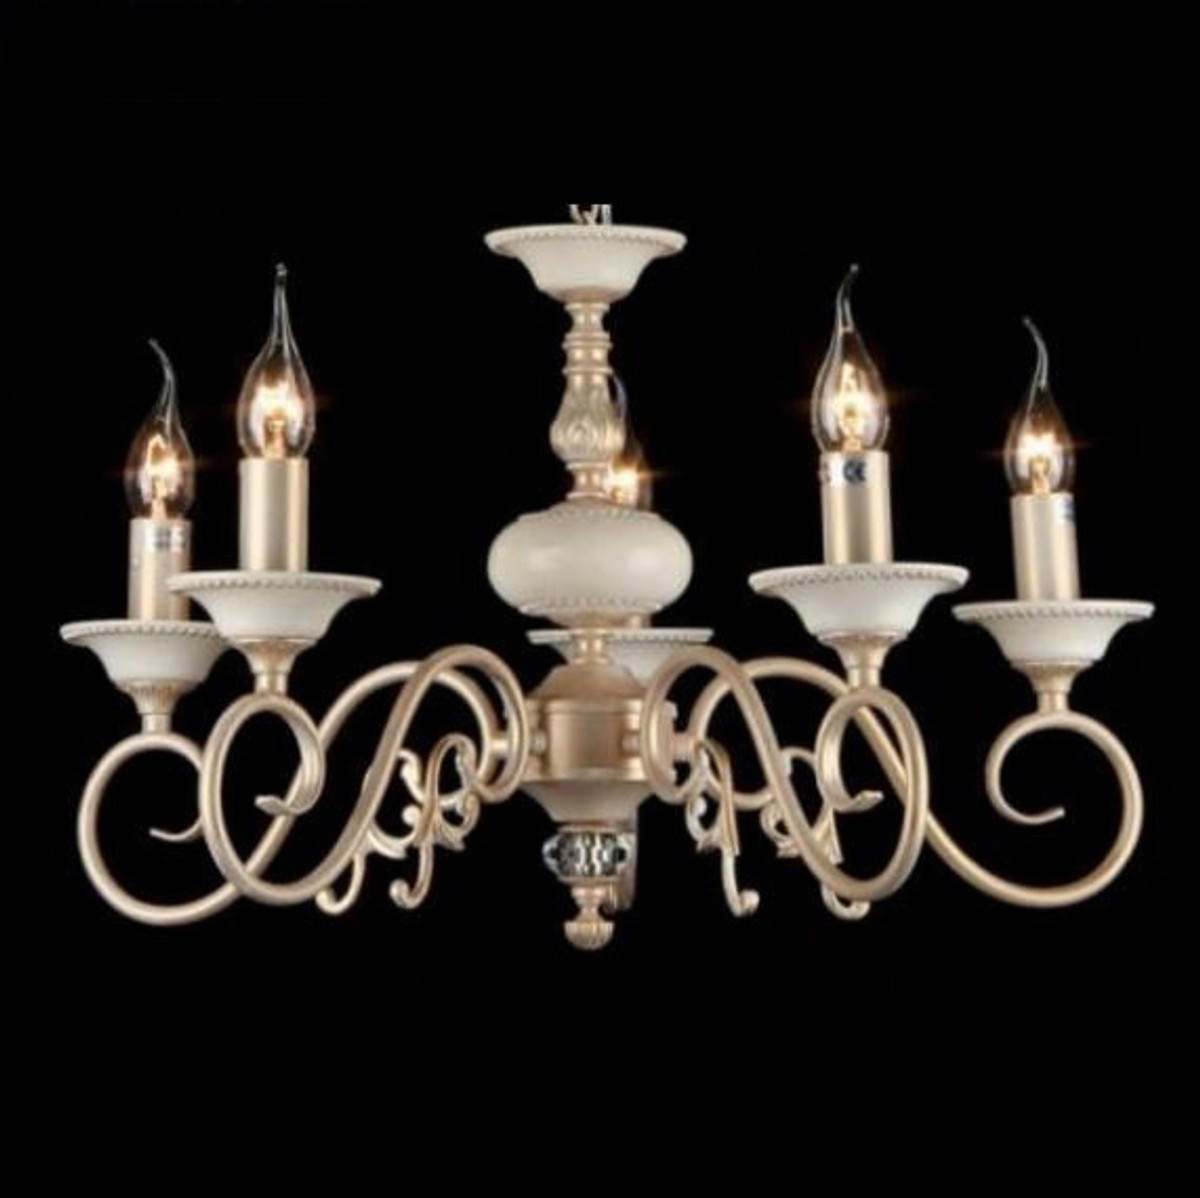 Uberlegen Casa Padrino Barock Decken Kronleuchter Creme Gold 56 X H 36 Cm Antik Stil    Möbel Lüster Leuchter Hängeleuchte Hängelampe